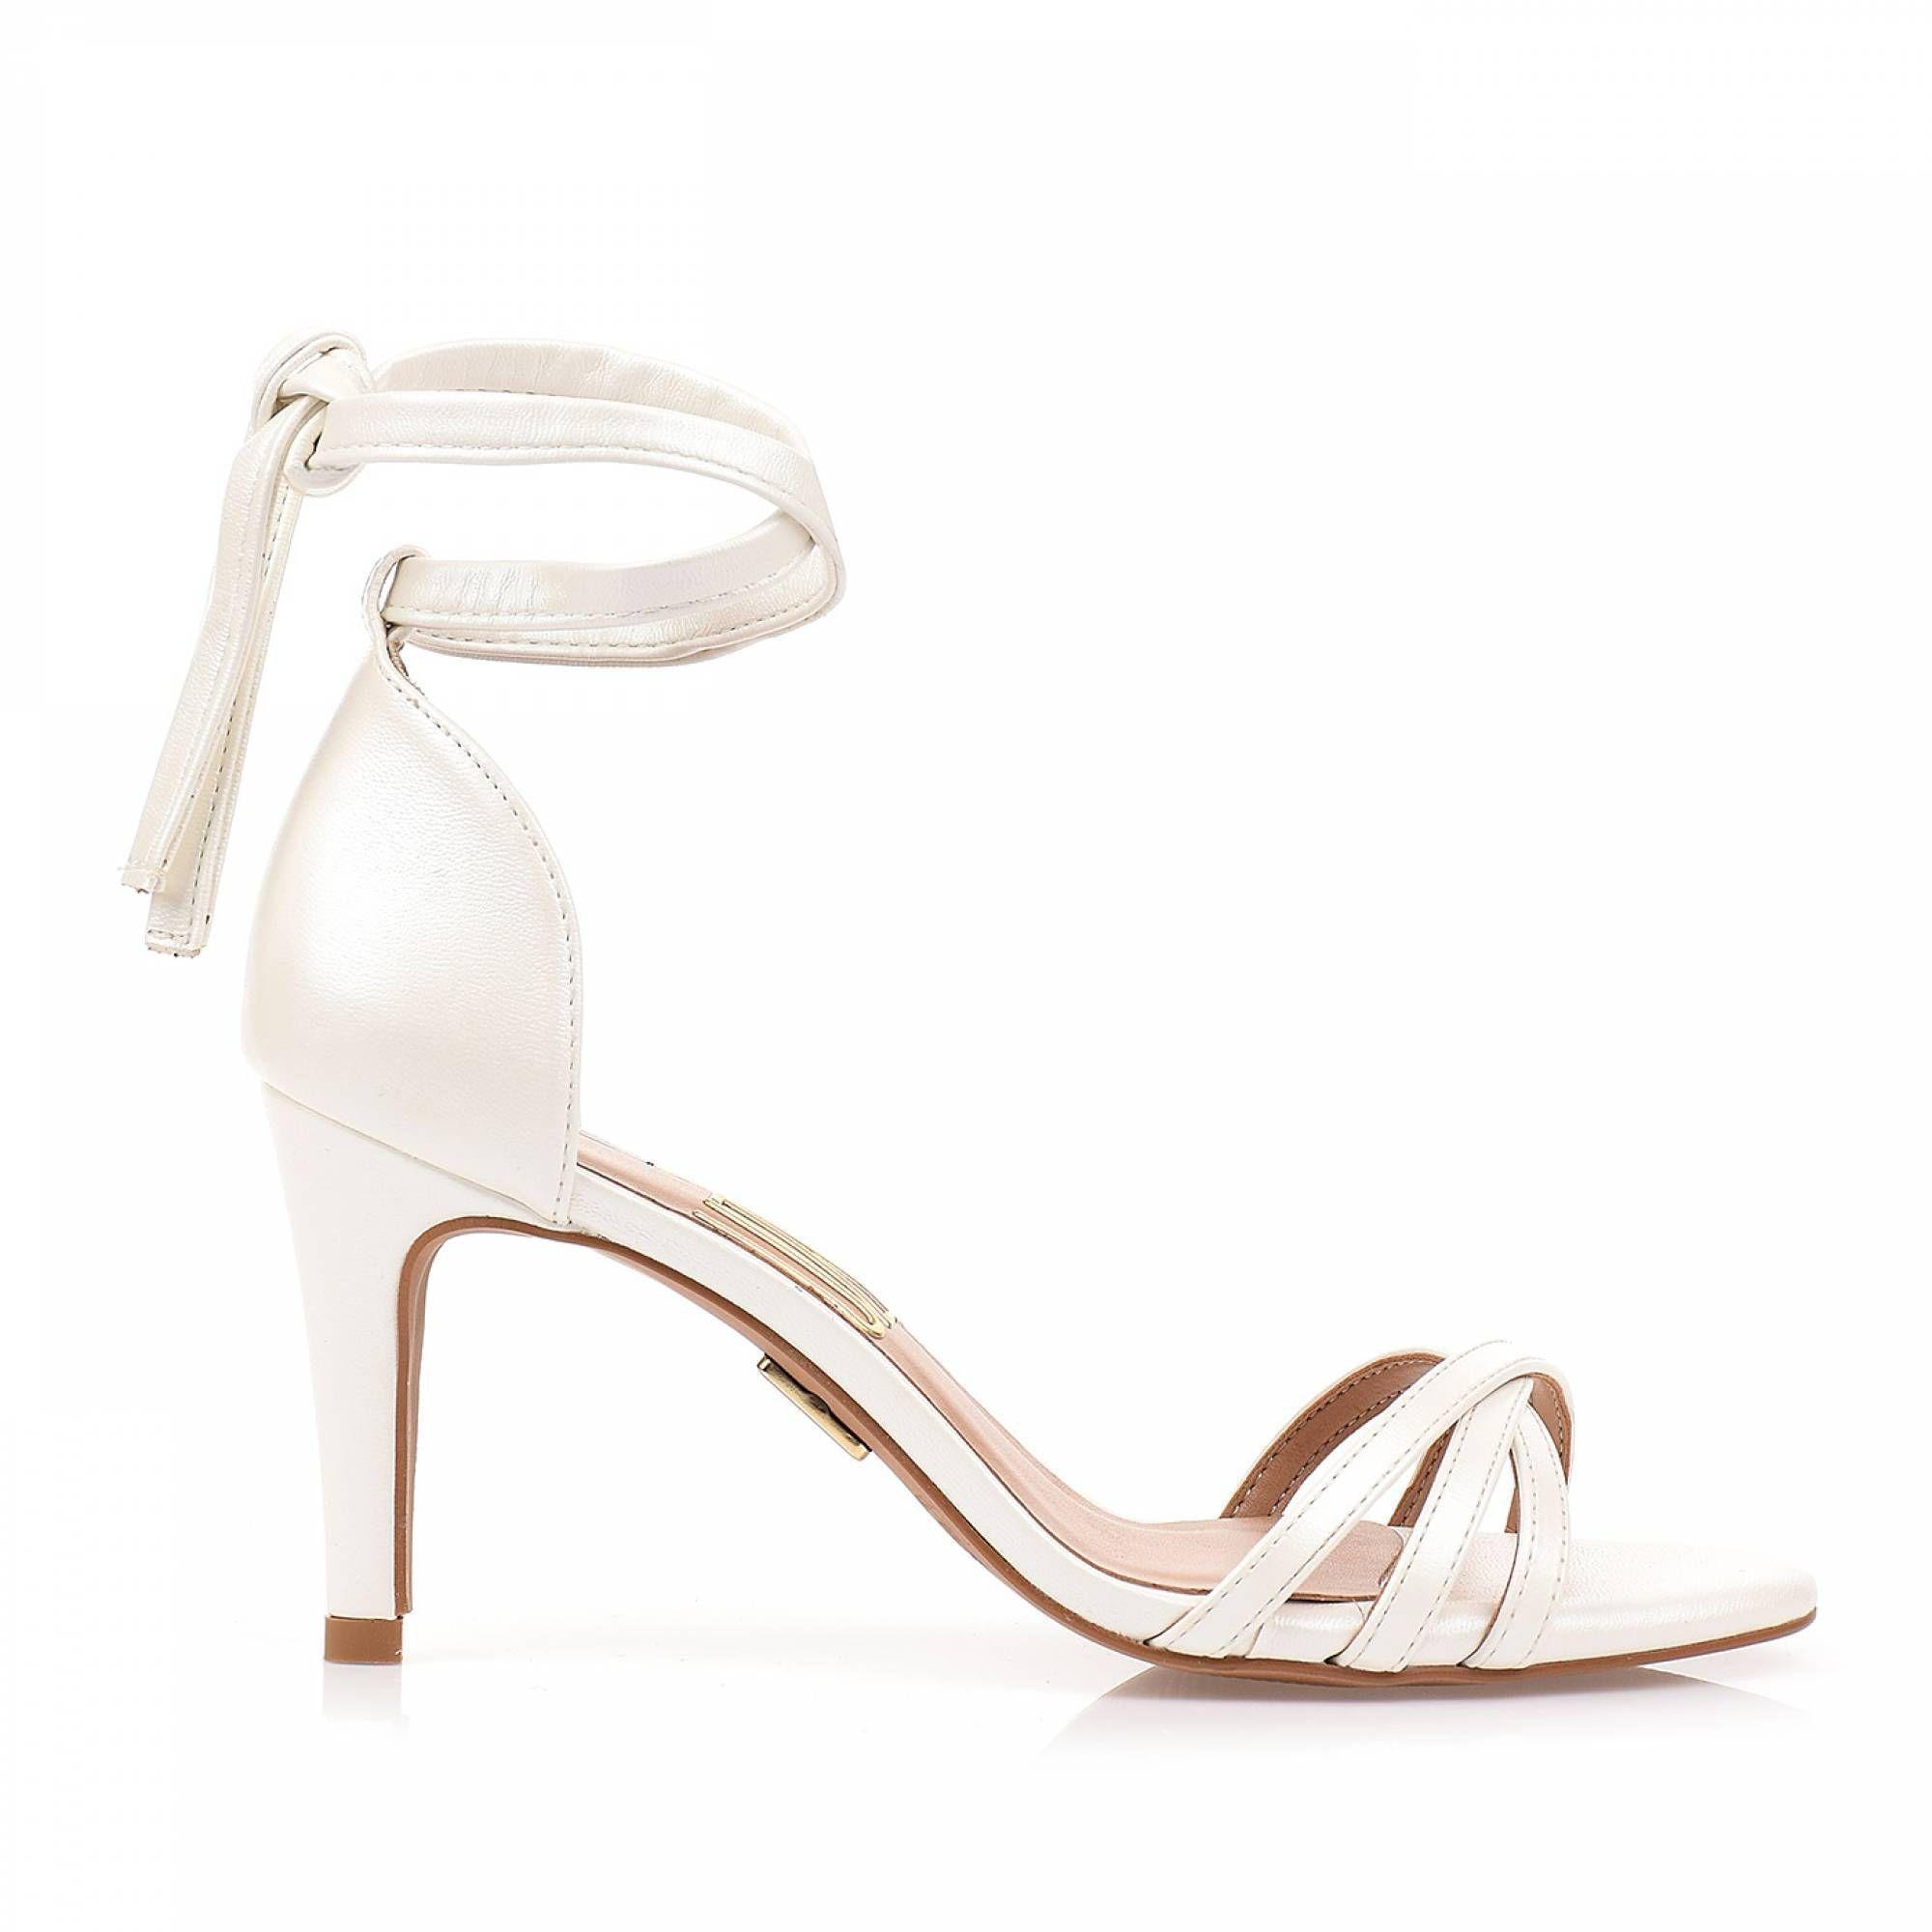 Sandália Salto Médio Metalic Pearl